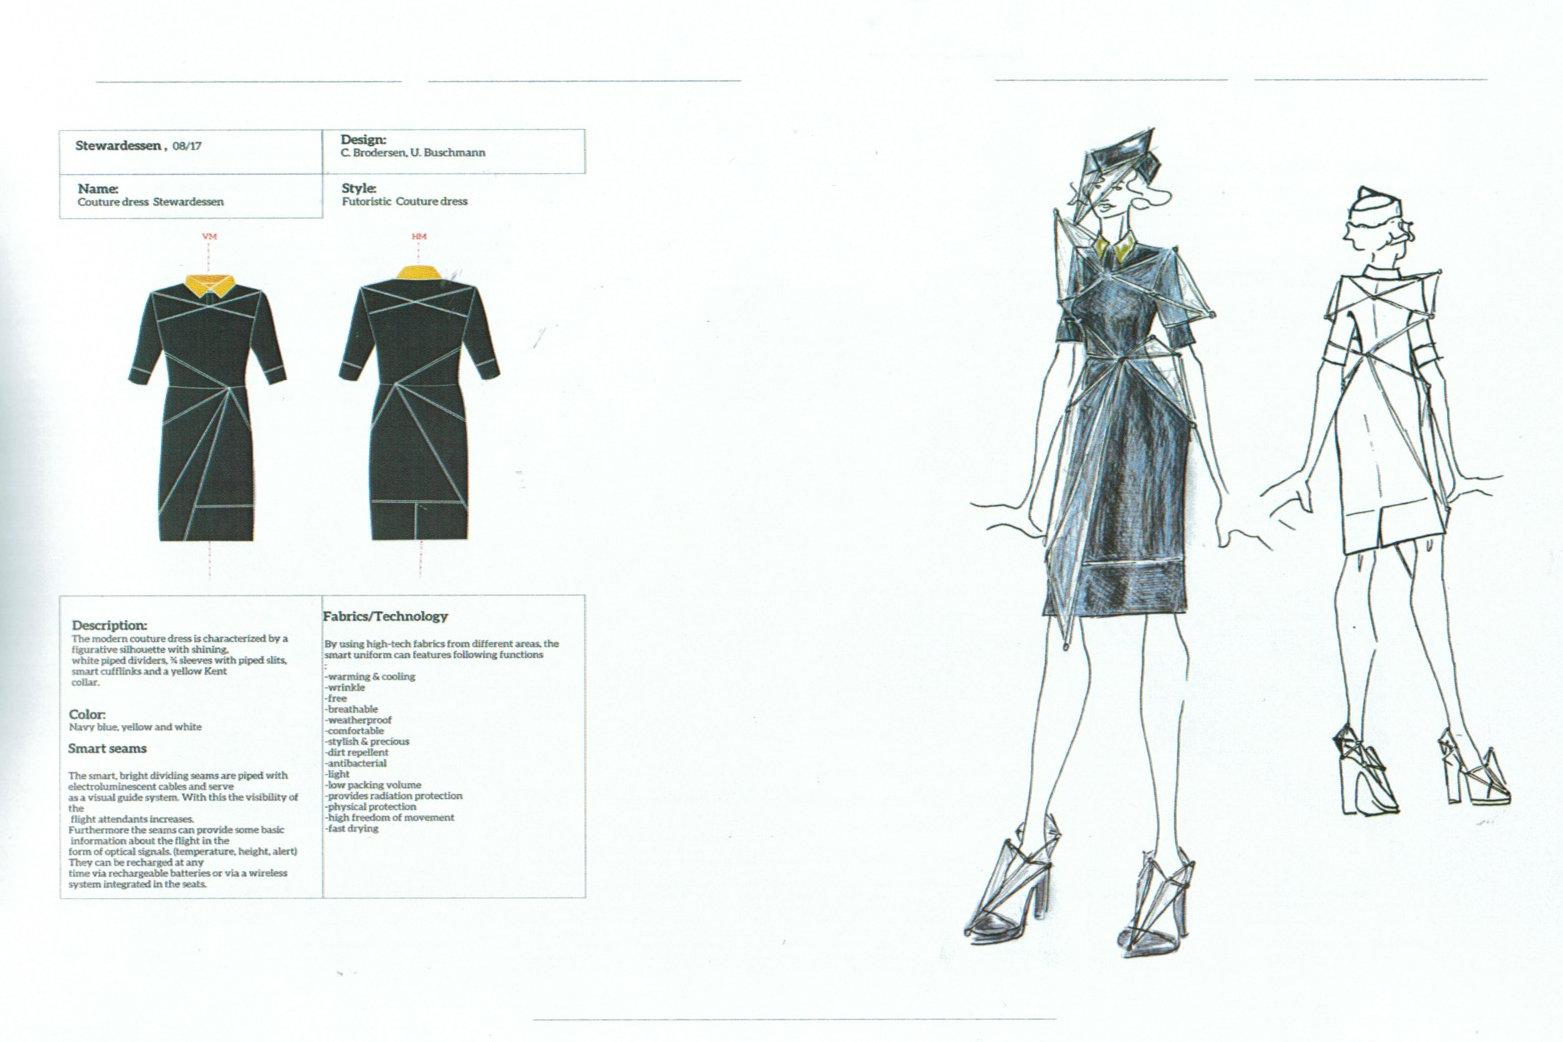 Konzept einer neuen Uniform für das Kabinenpersonal